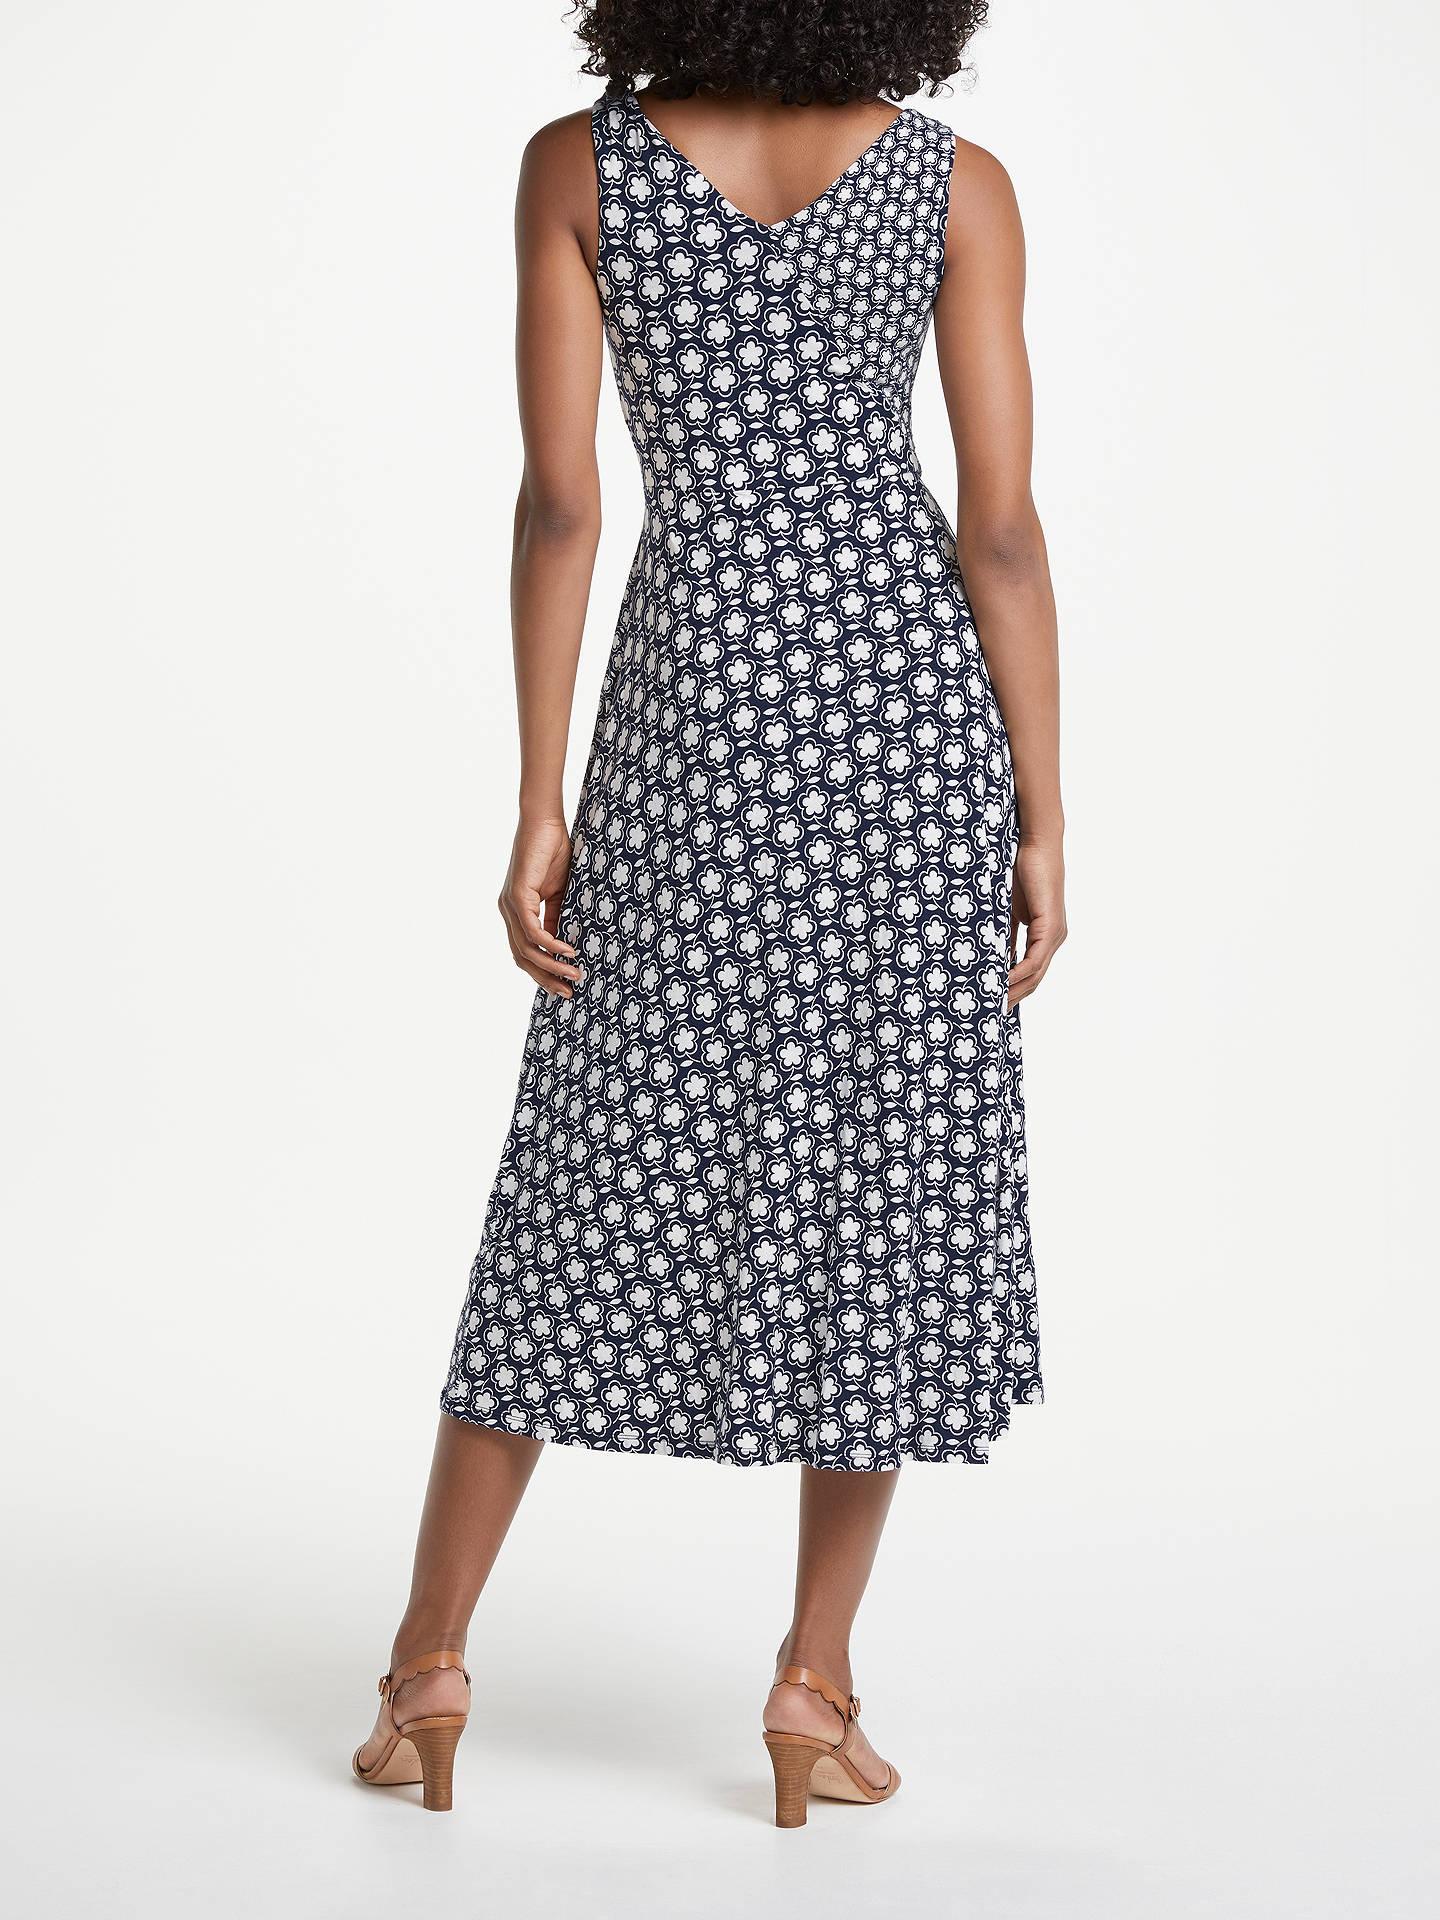 082b3fd44cf ... Buy Boden Jennifer Jersey Dress, Navy, 8 Online at johnlewis.com ...